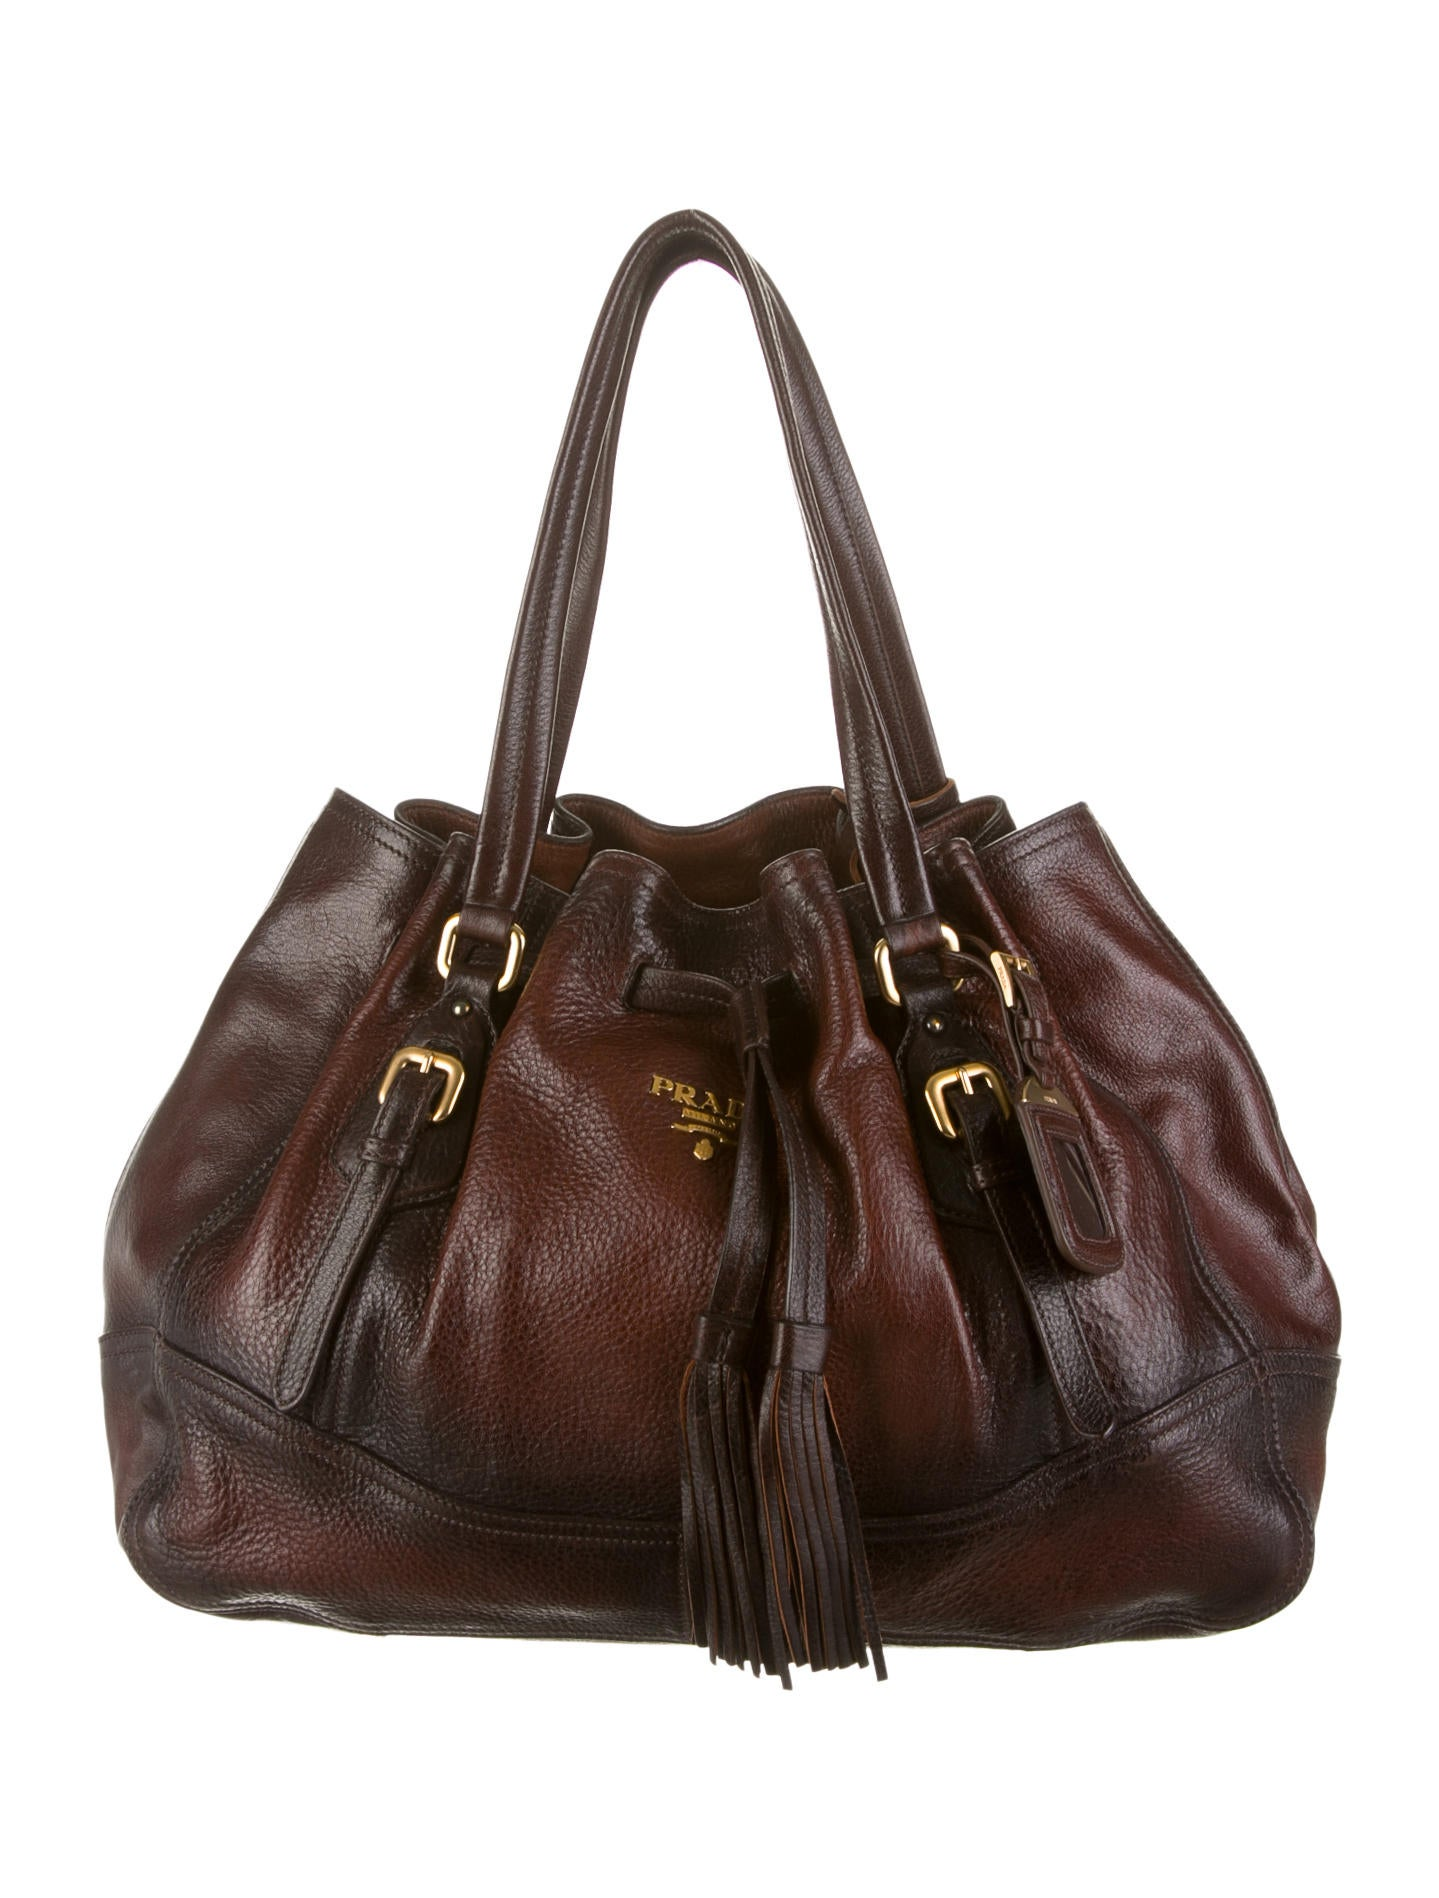 fd0143a63abf Prada Cervo Antik Bag - Handbags - PRA46337 | The RealReal